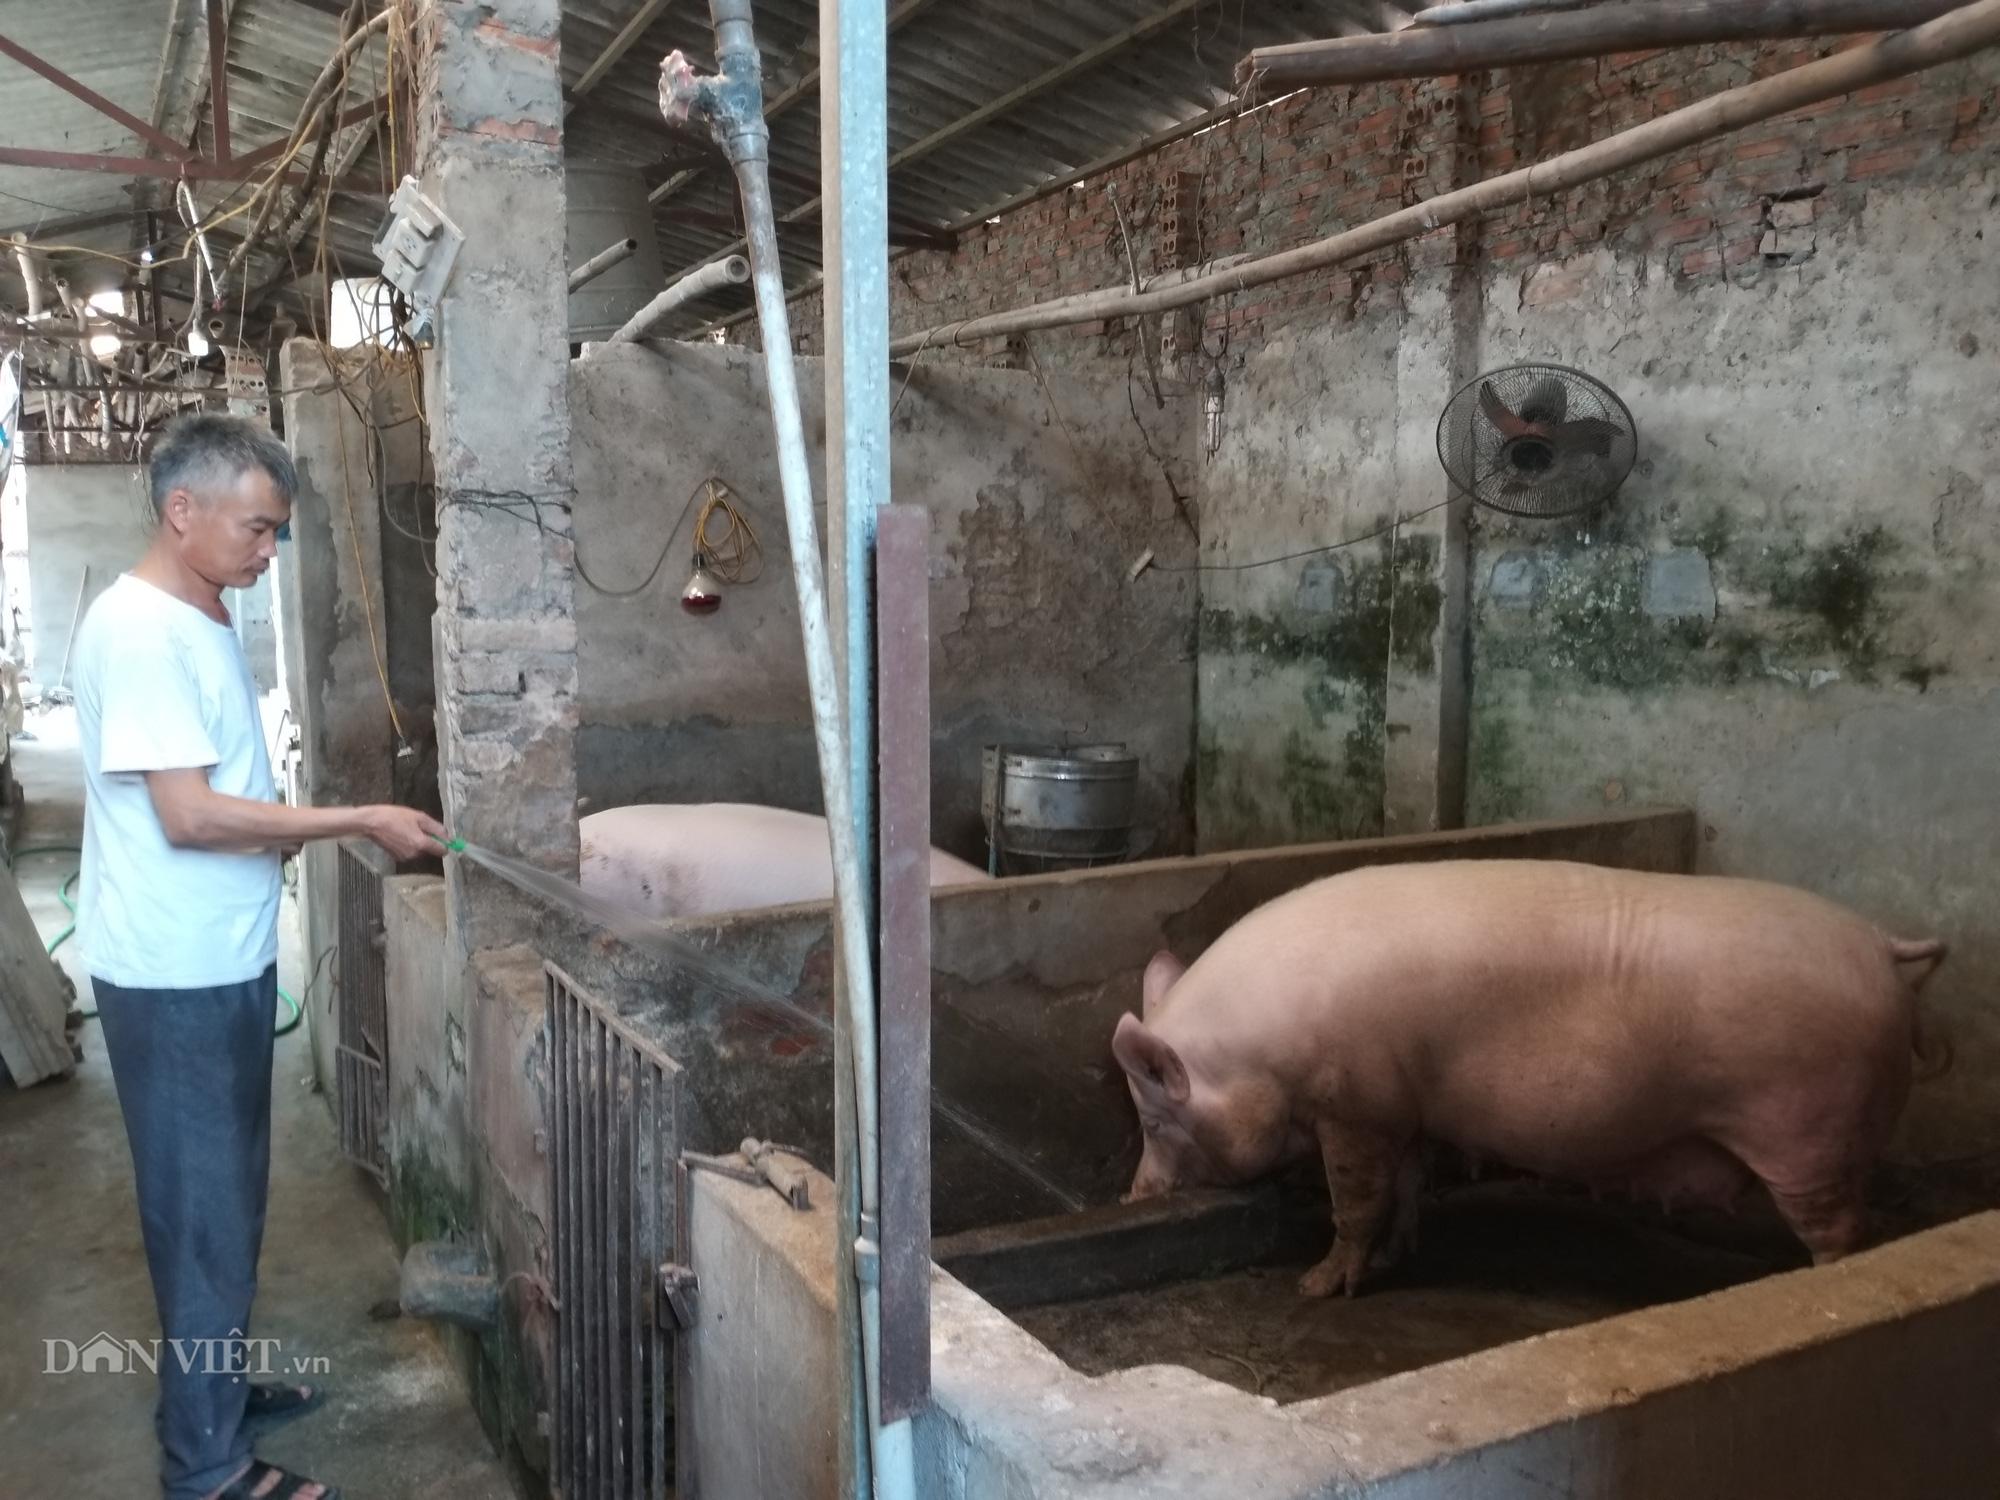 """Dự án LIFSAP kết thúc, dân nuôi lợn Thủ đô cũng """"vỡ mộng"""" làm giàu - Ảnh 4."""